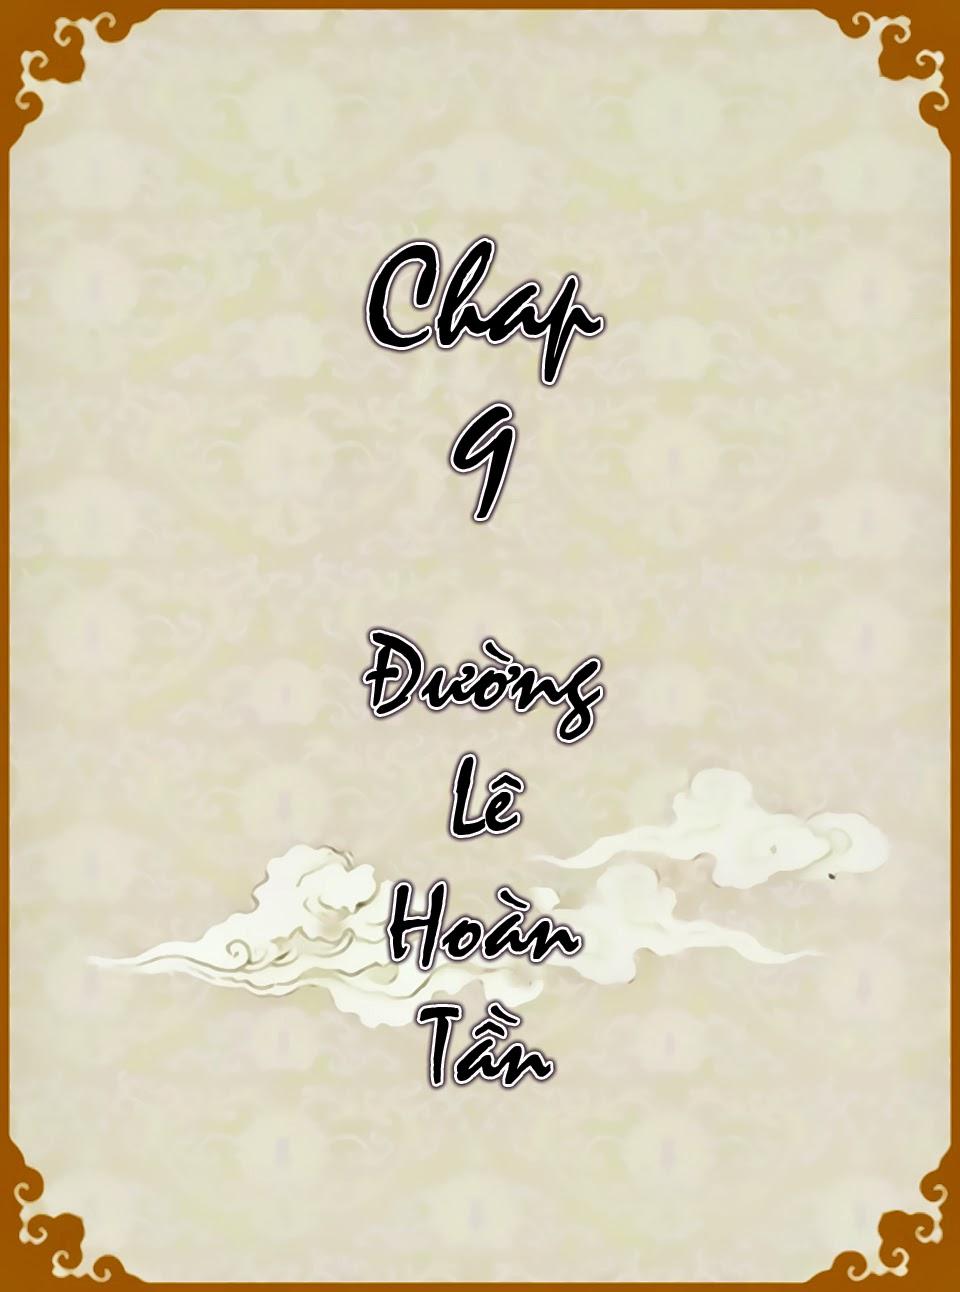 Chân Hoàn Truyện Chap 9.1 - Next Chap 10